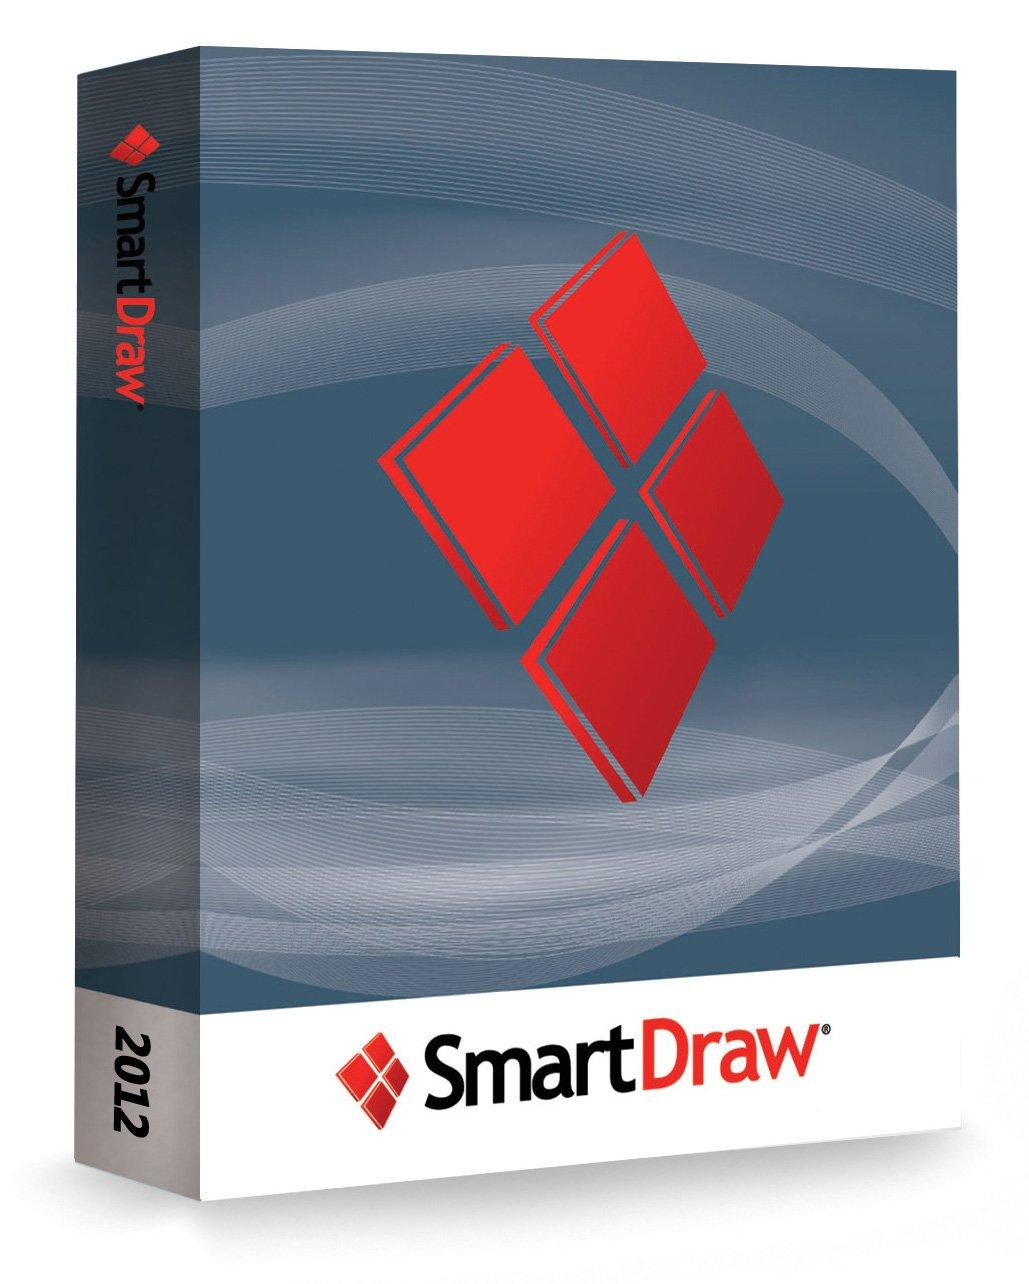 smartdrawcom smartdraw vp amazoncouk software - Smartdraw For Windows